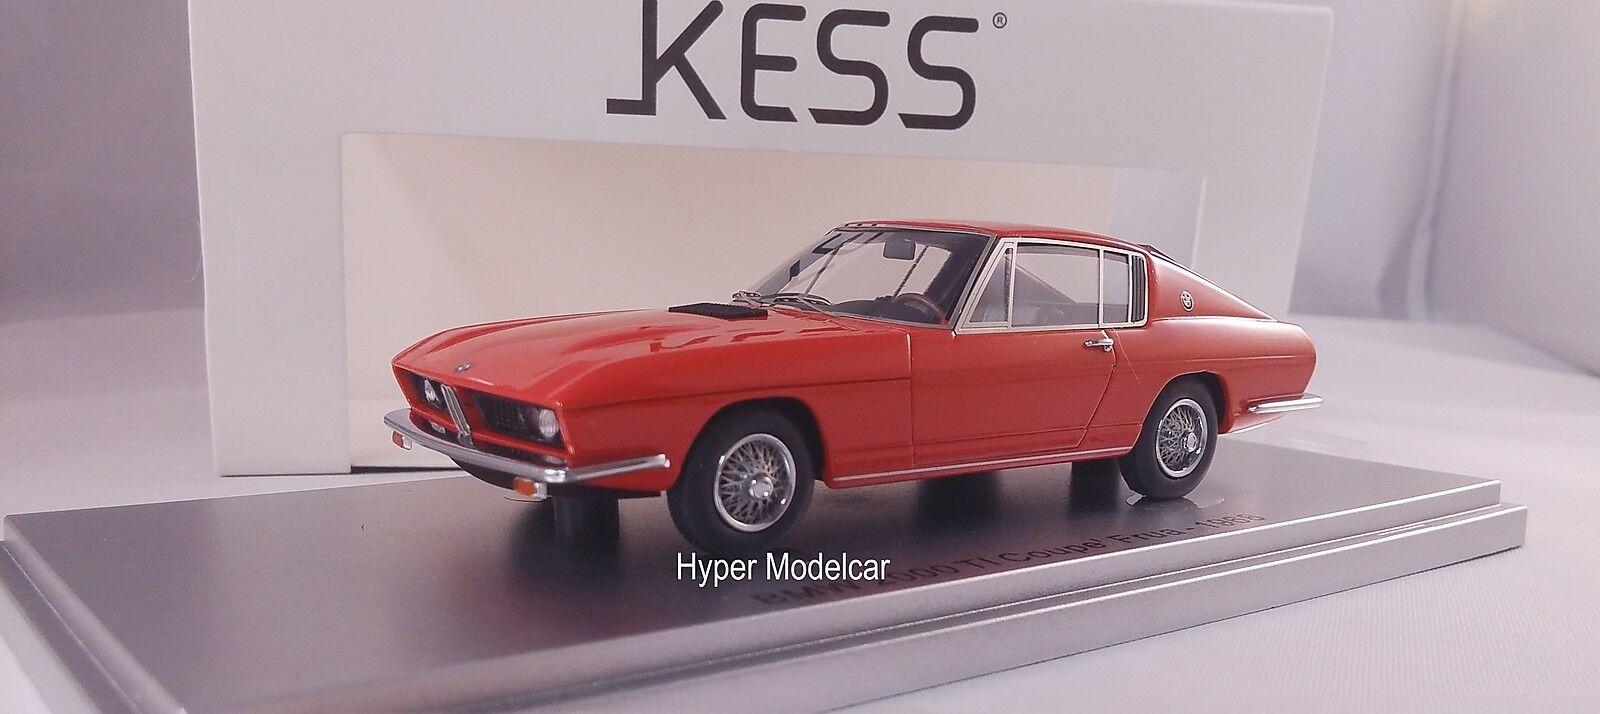 Kess modell 1   43 bmw 2000 ti - coup è frua 1968 rot ke43035000